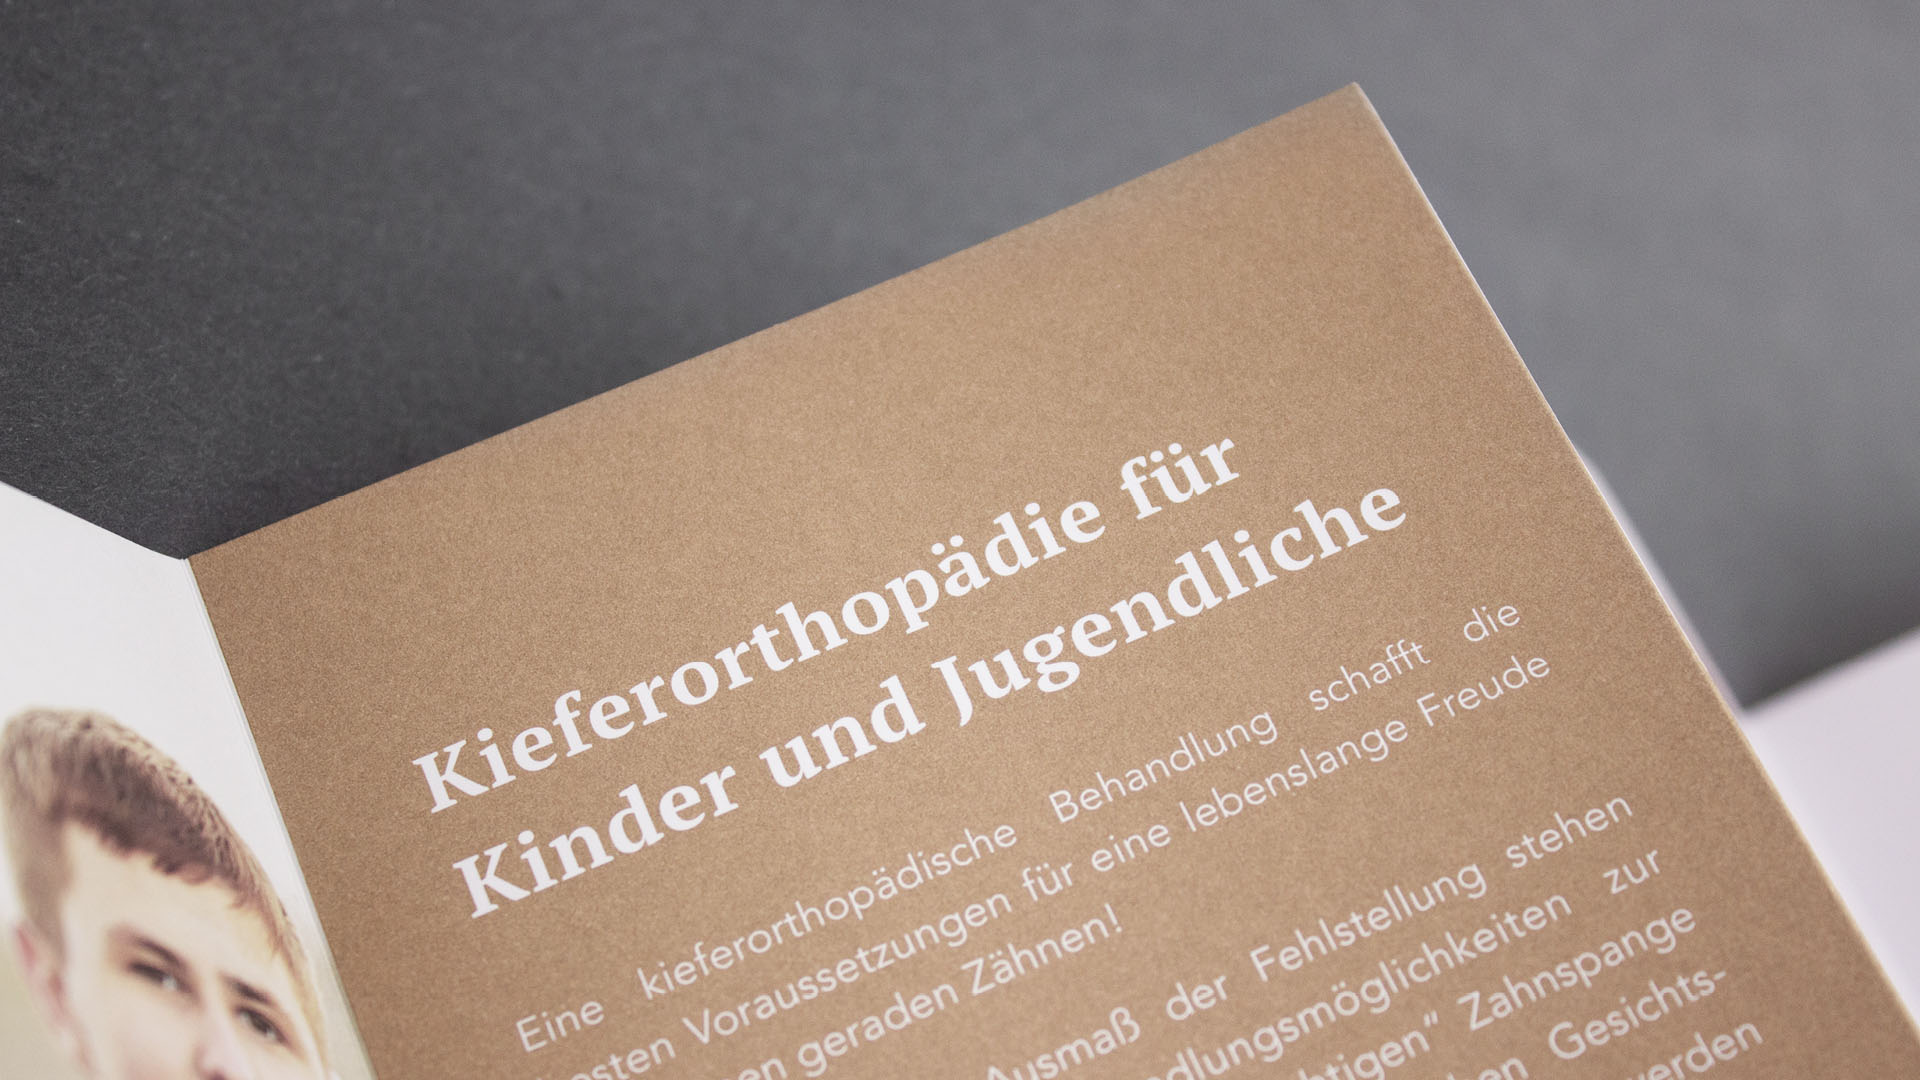 Kieferorthopäde Lohrmann Werbemittel Design